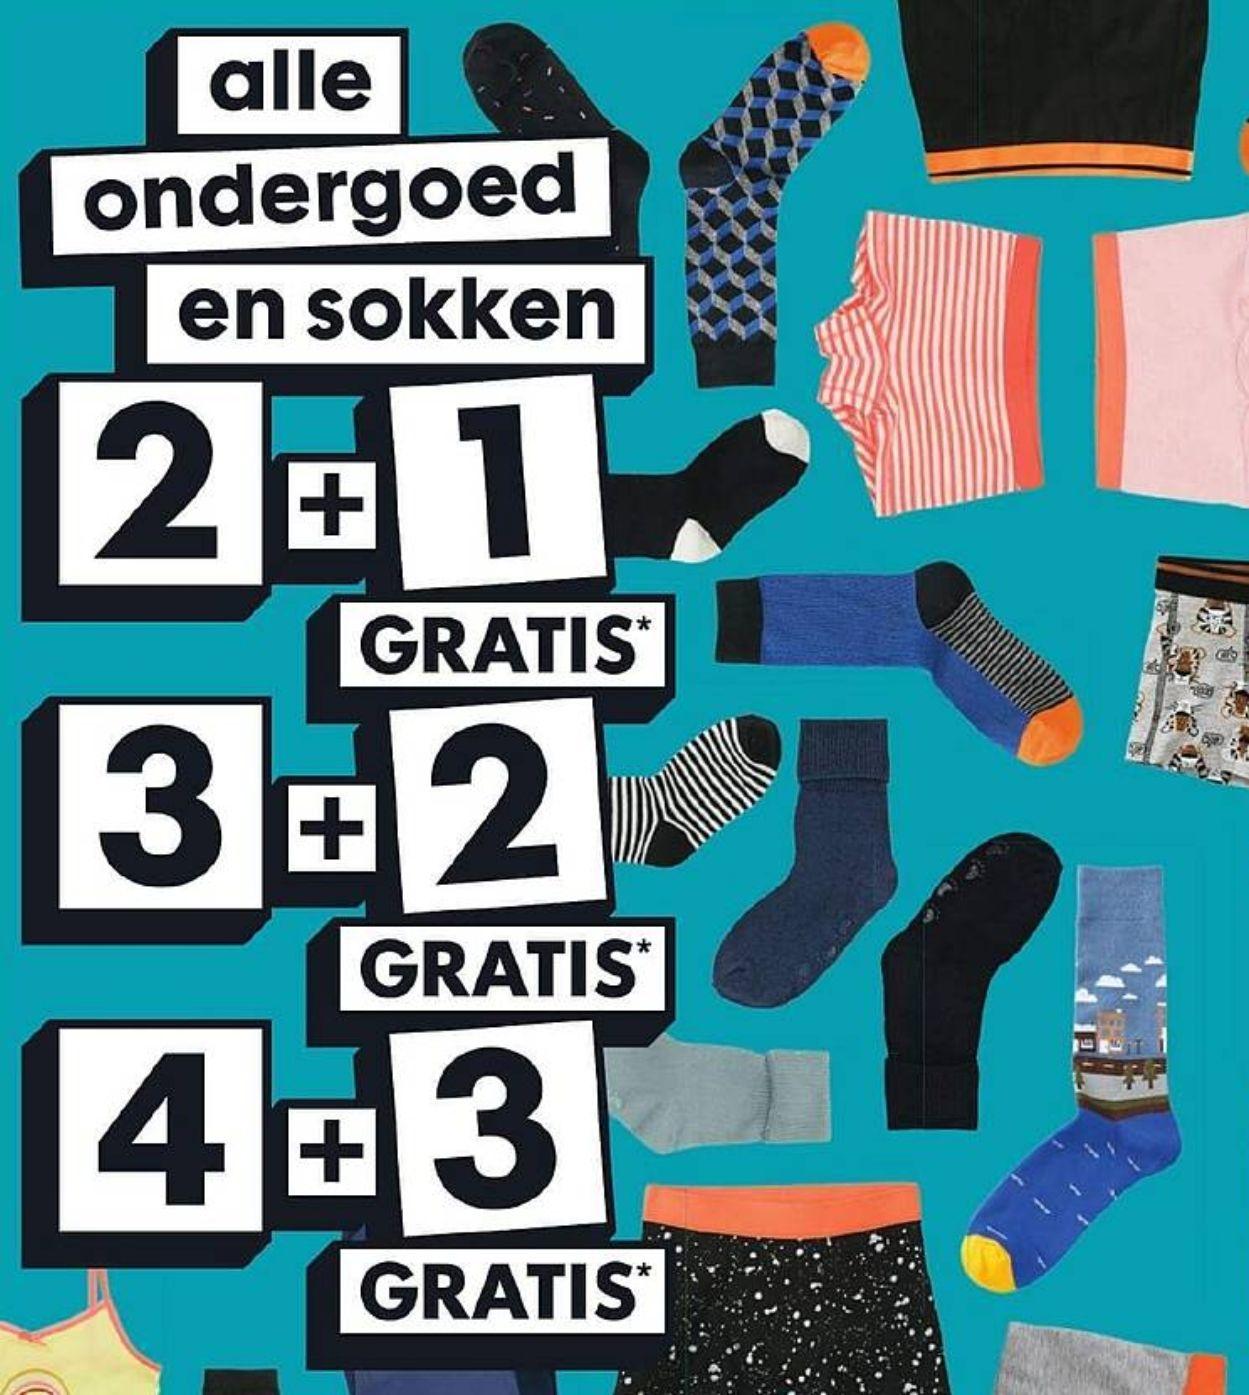 2+1, 3+2, 4+3 gratis op alle ondergoed en sokken @HEMA